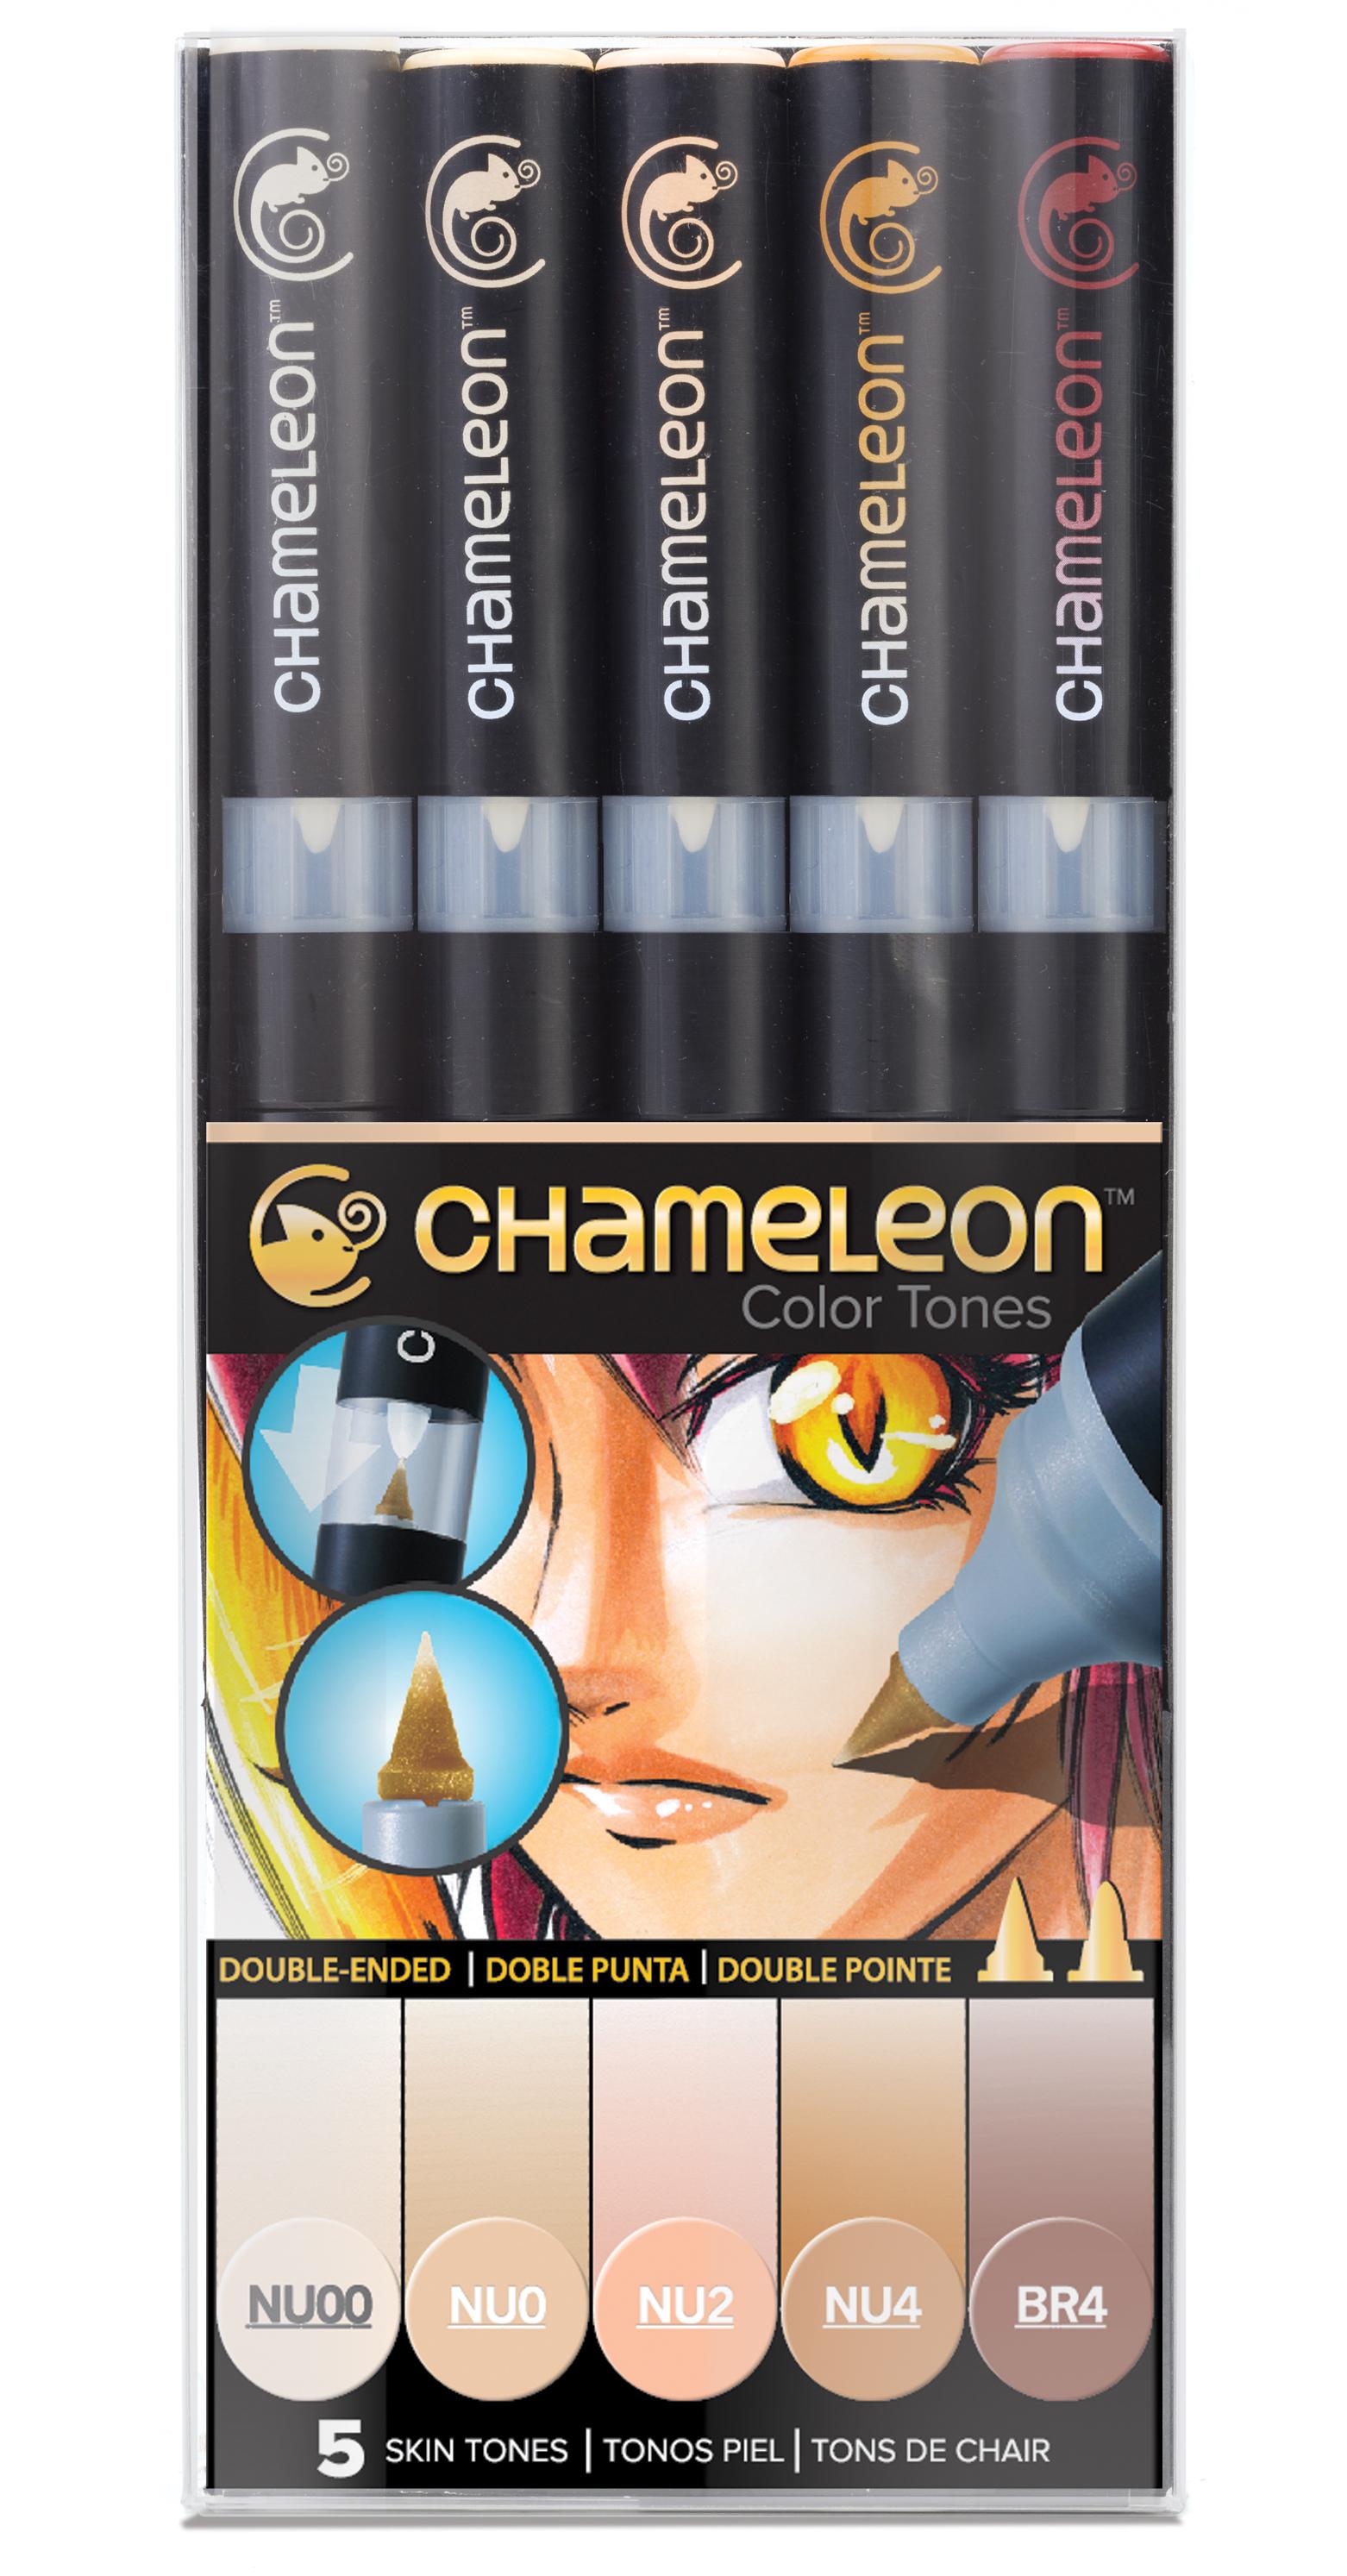 Chameleon Pen 5 Pen Skin Set (カメレオンペン 5本入りスキンセット)